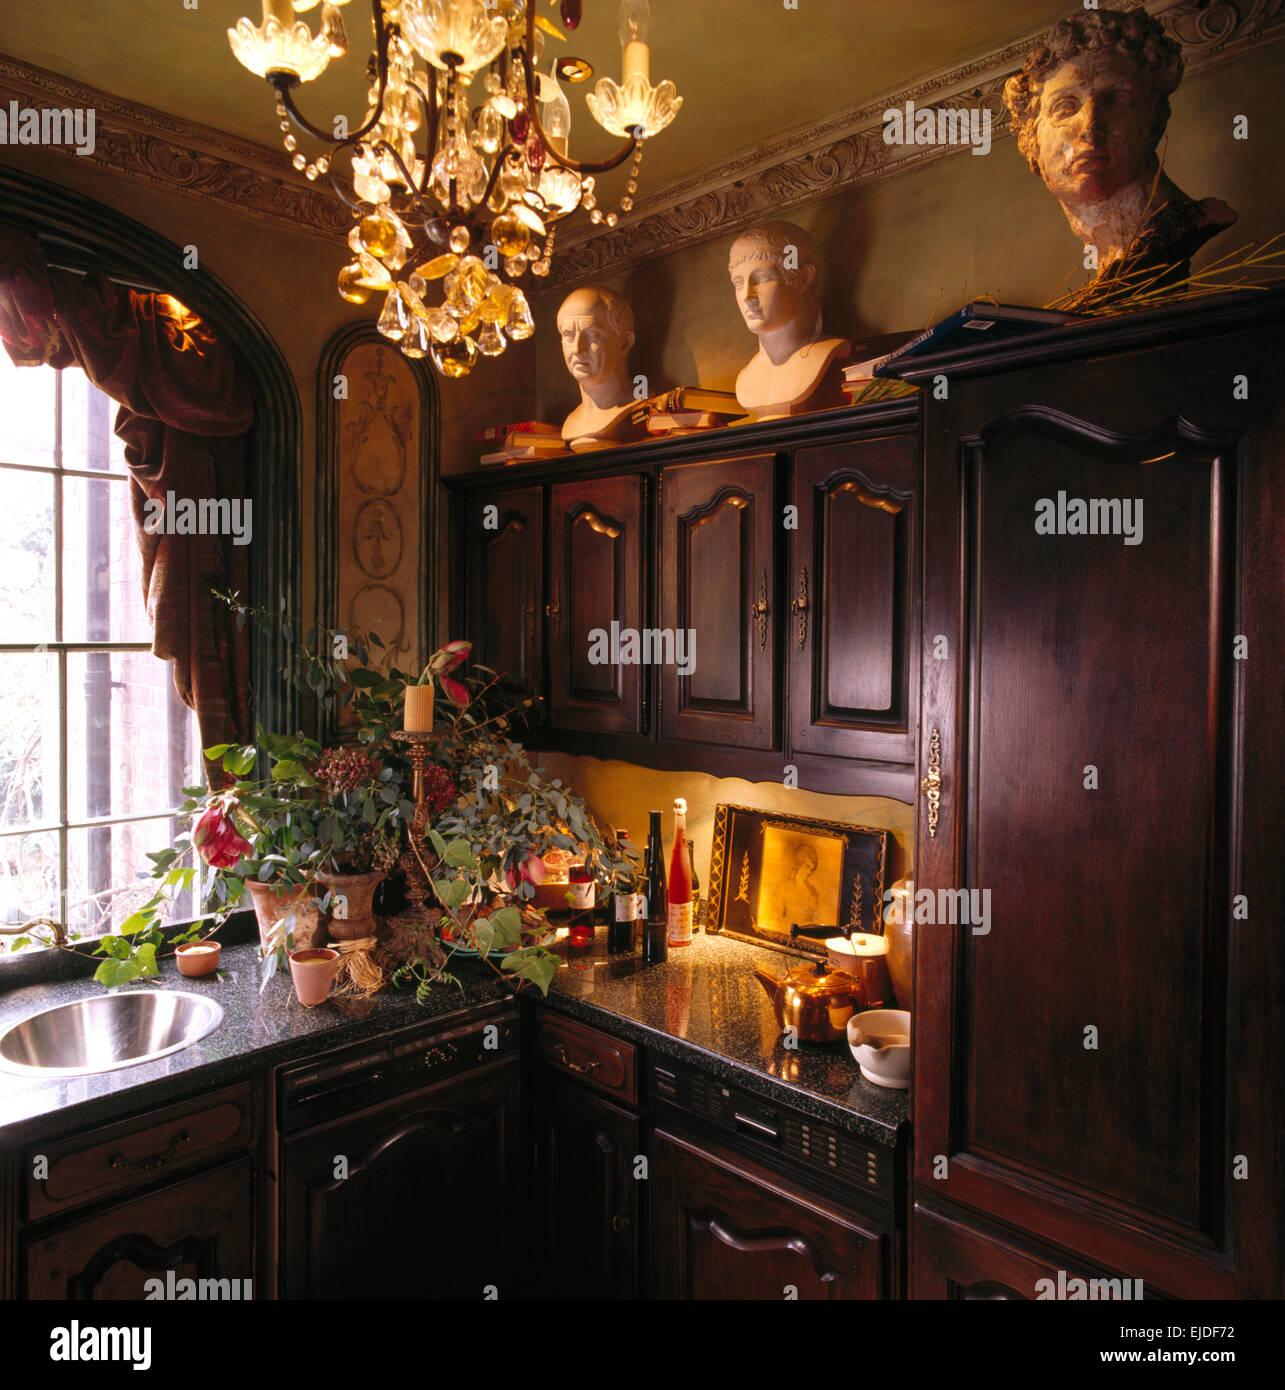 kronleuchter in der kuche collectionjobs. Black Bedroom Furniture Sets. Home Design Ideas